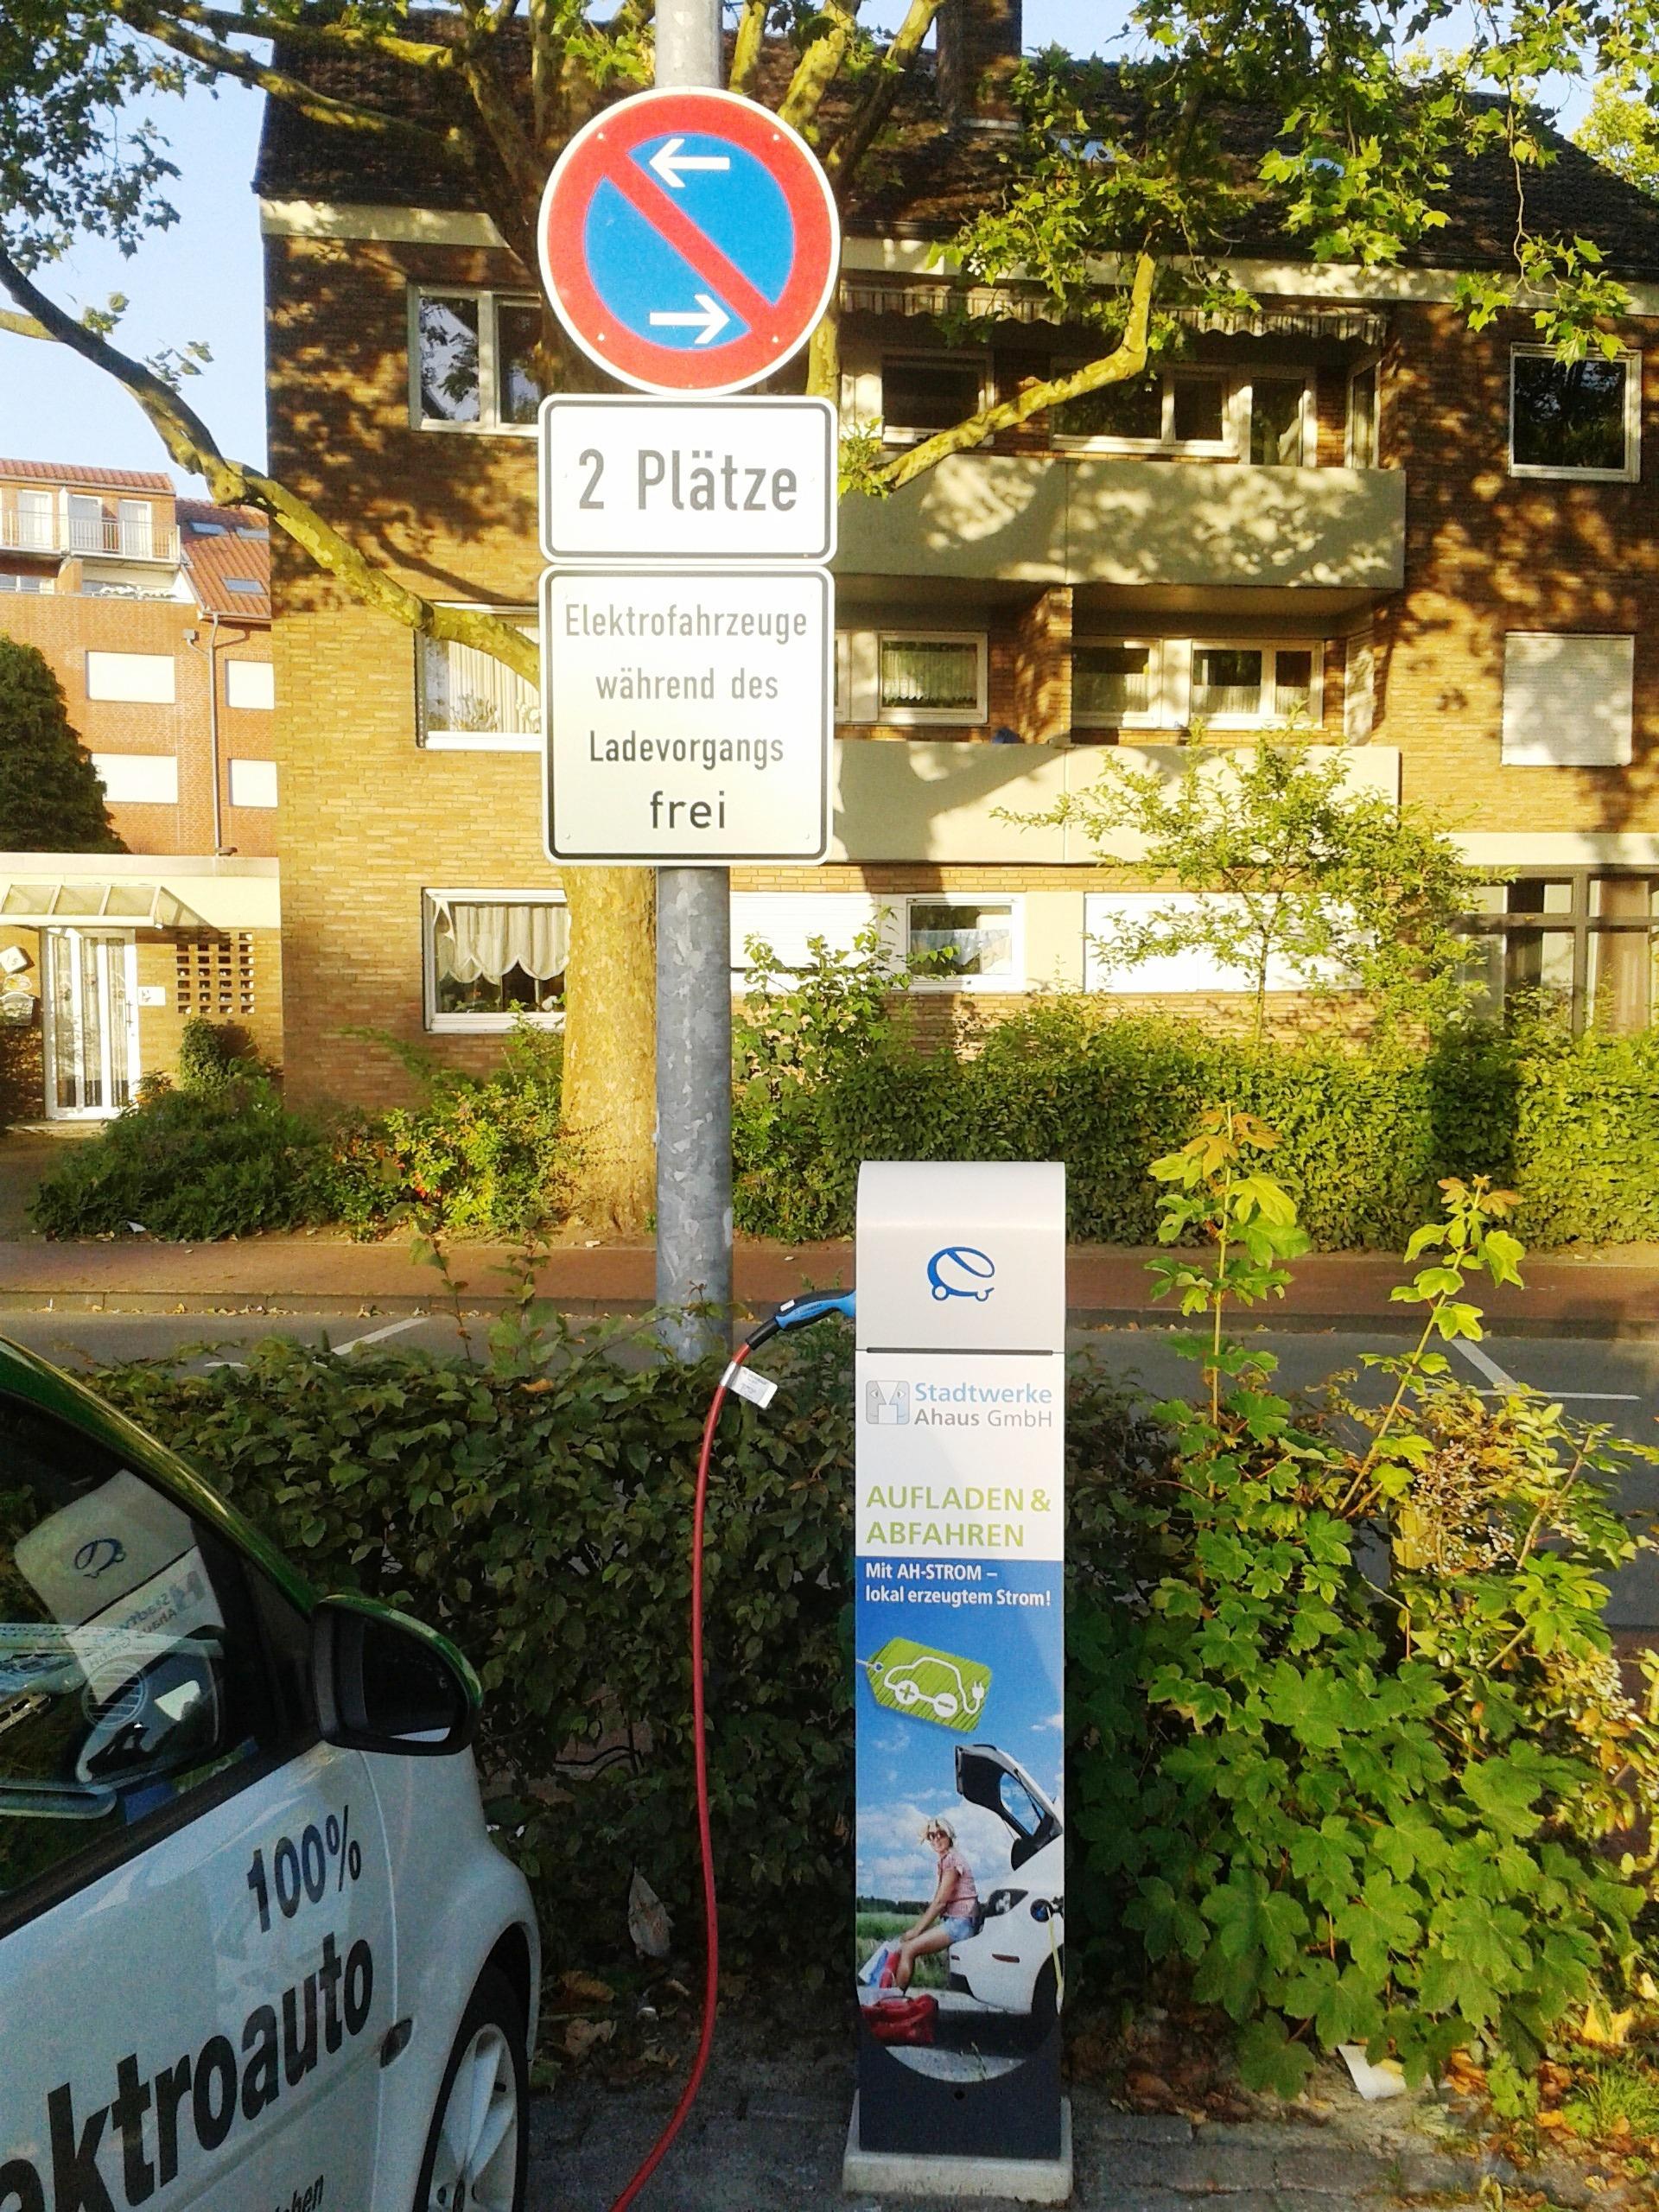 Neue Ladestation der Stadtwerke Ahaus am Kirmesplatz in der Innenstadt